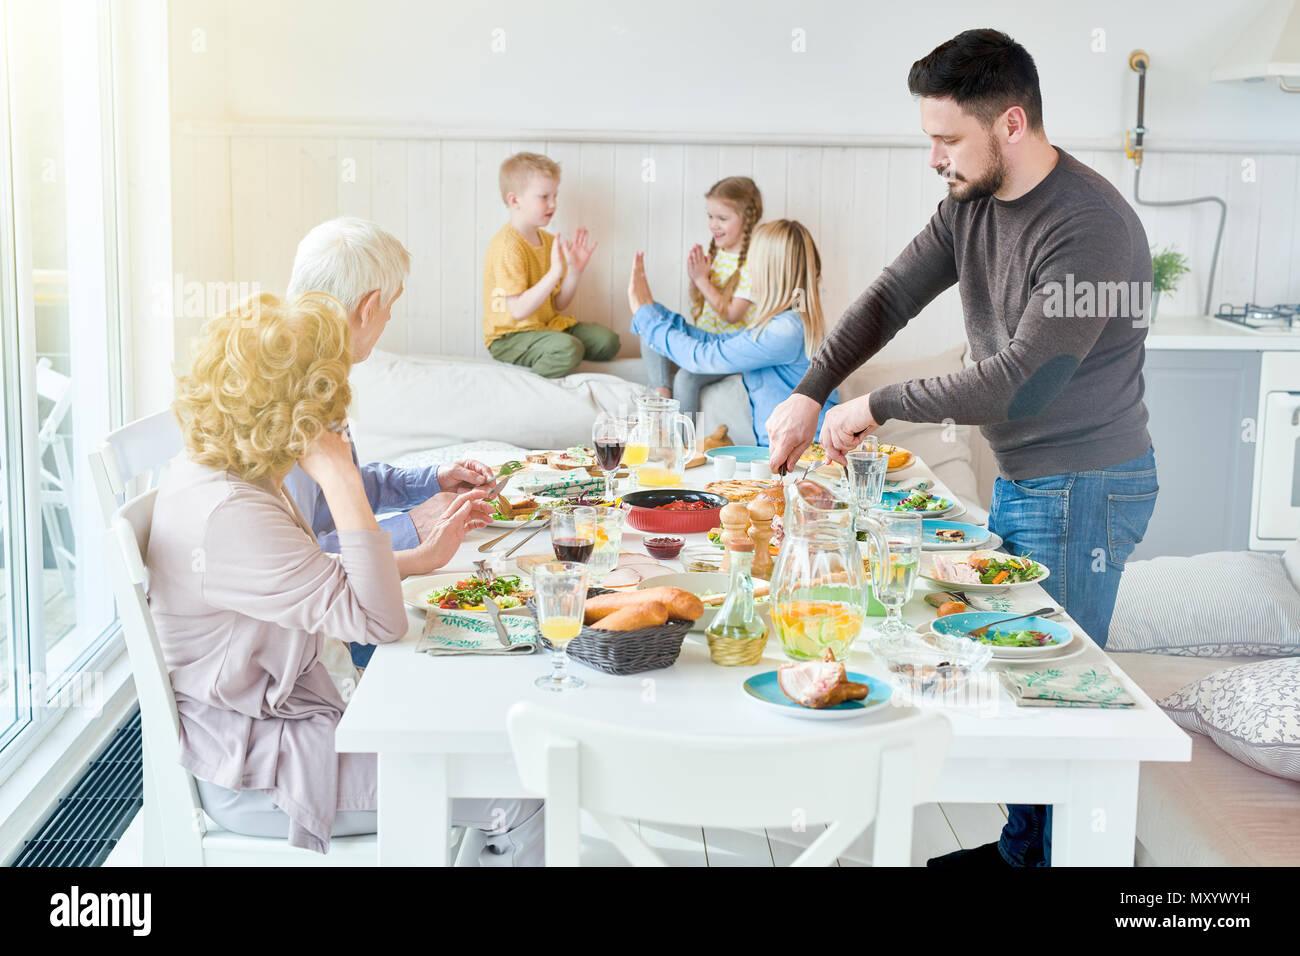 Portrait von Happy Family geniessen gemeinsam das Abendessen im Speisesaal mit festlichen Tisch in der modernen lichtdurchfluteten Wohnung sitzen, Platz kopieren Stockbild